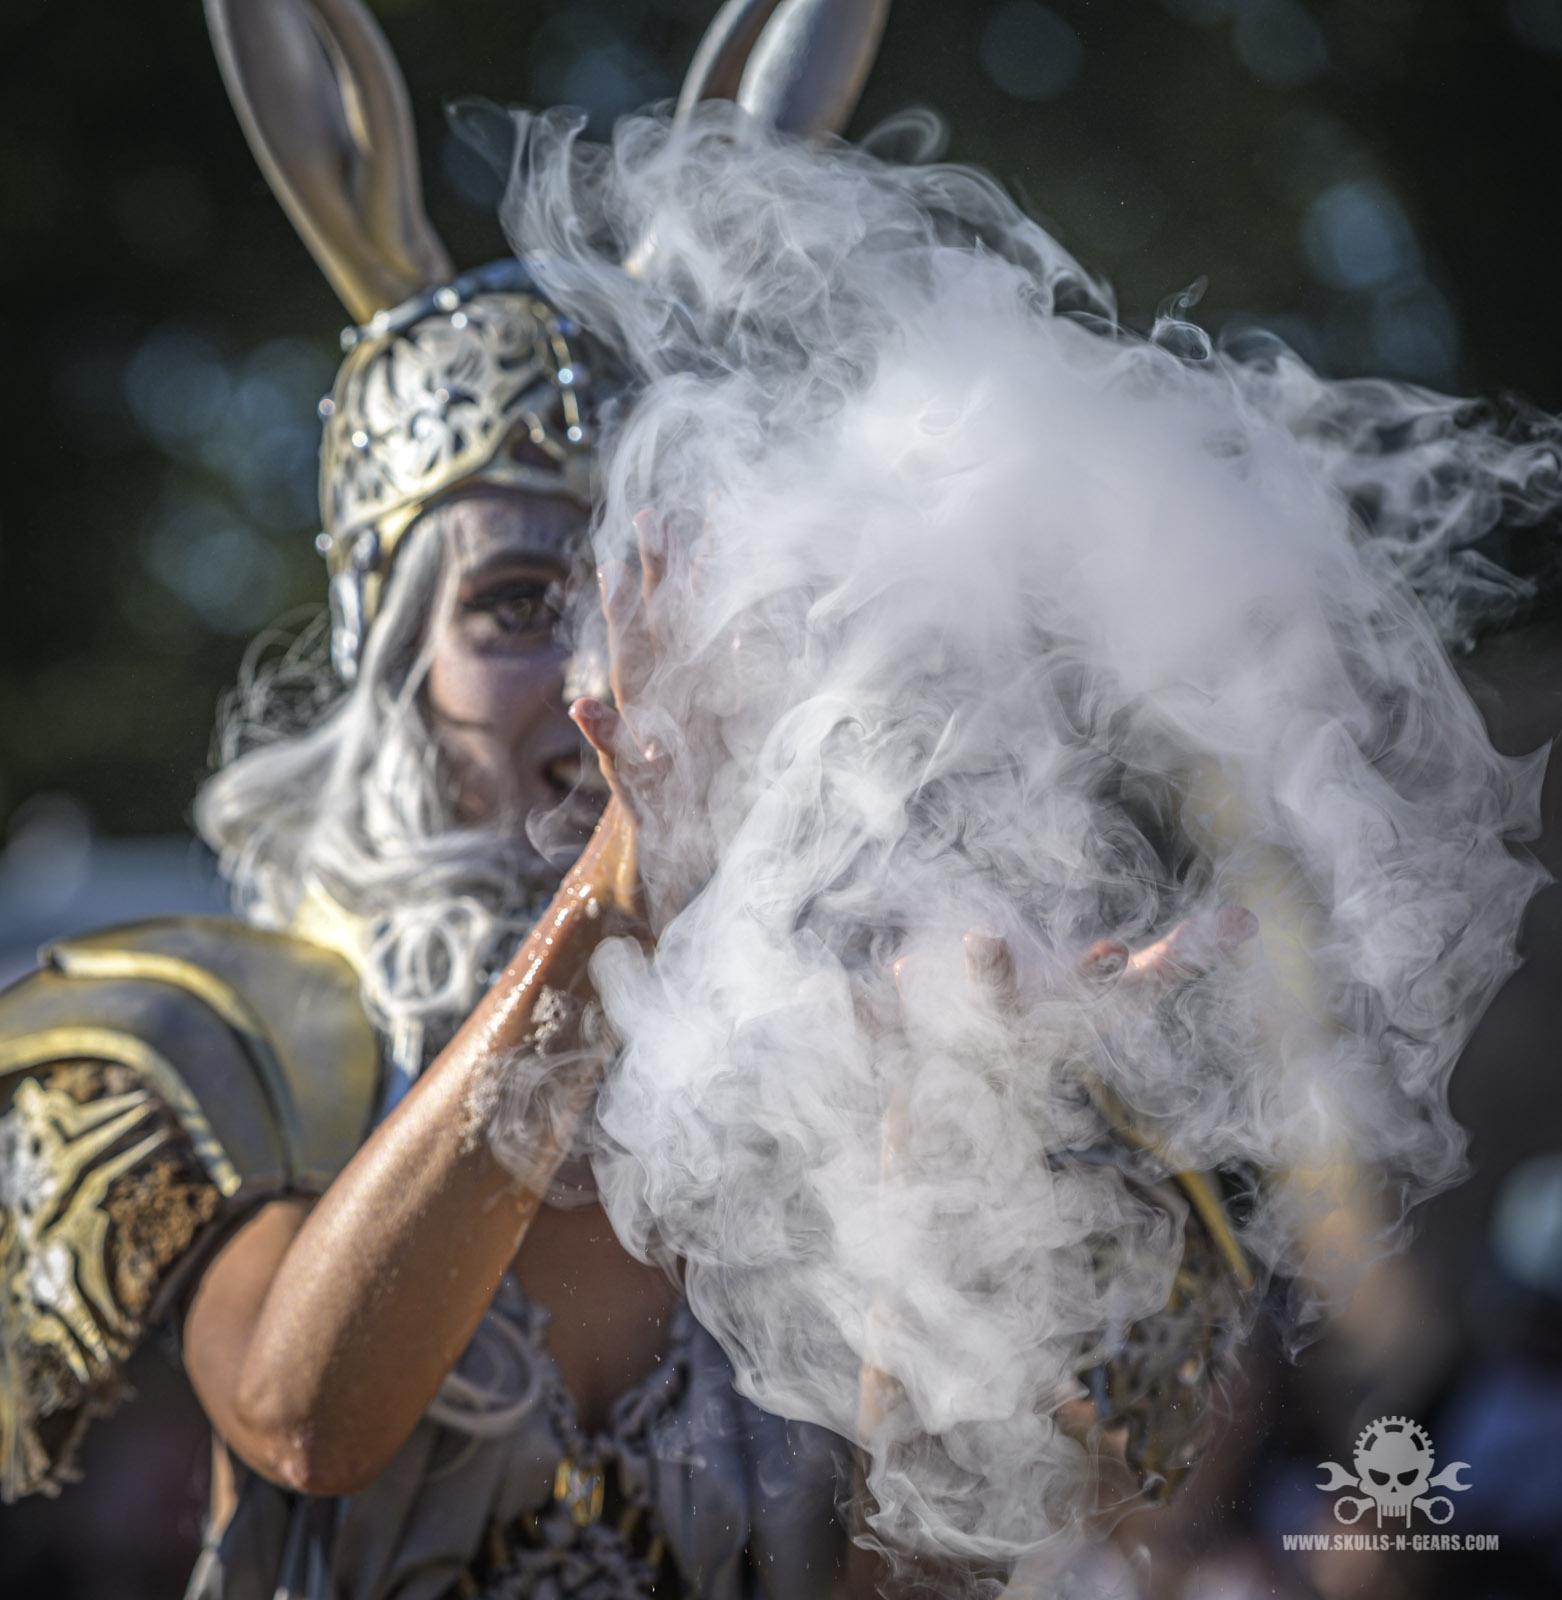 Feuertanz Festival 2019 - Seifenblasen-4